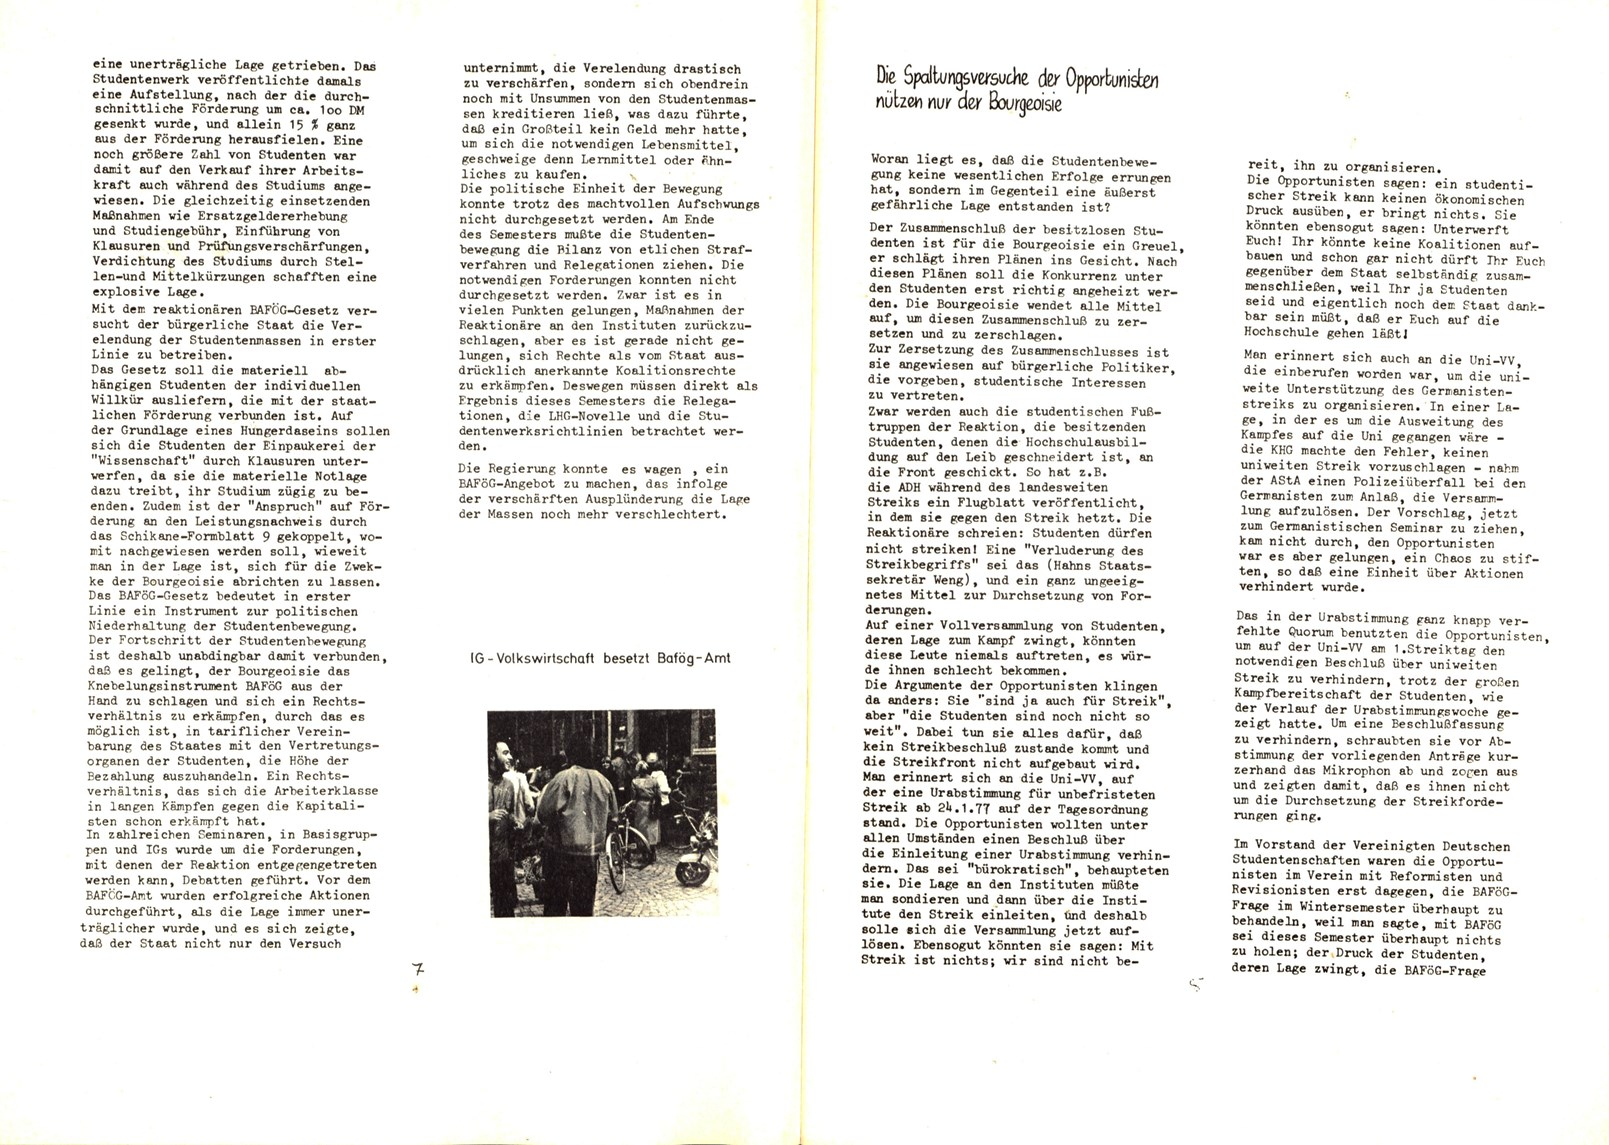 Heidelberg_KHG_1977_Chronik_WS_1976_77_05